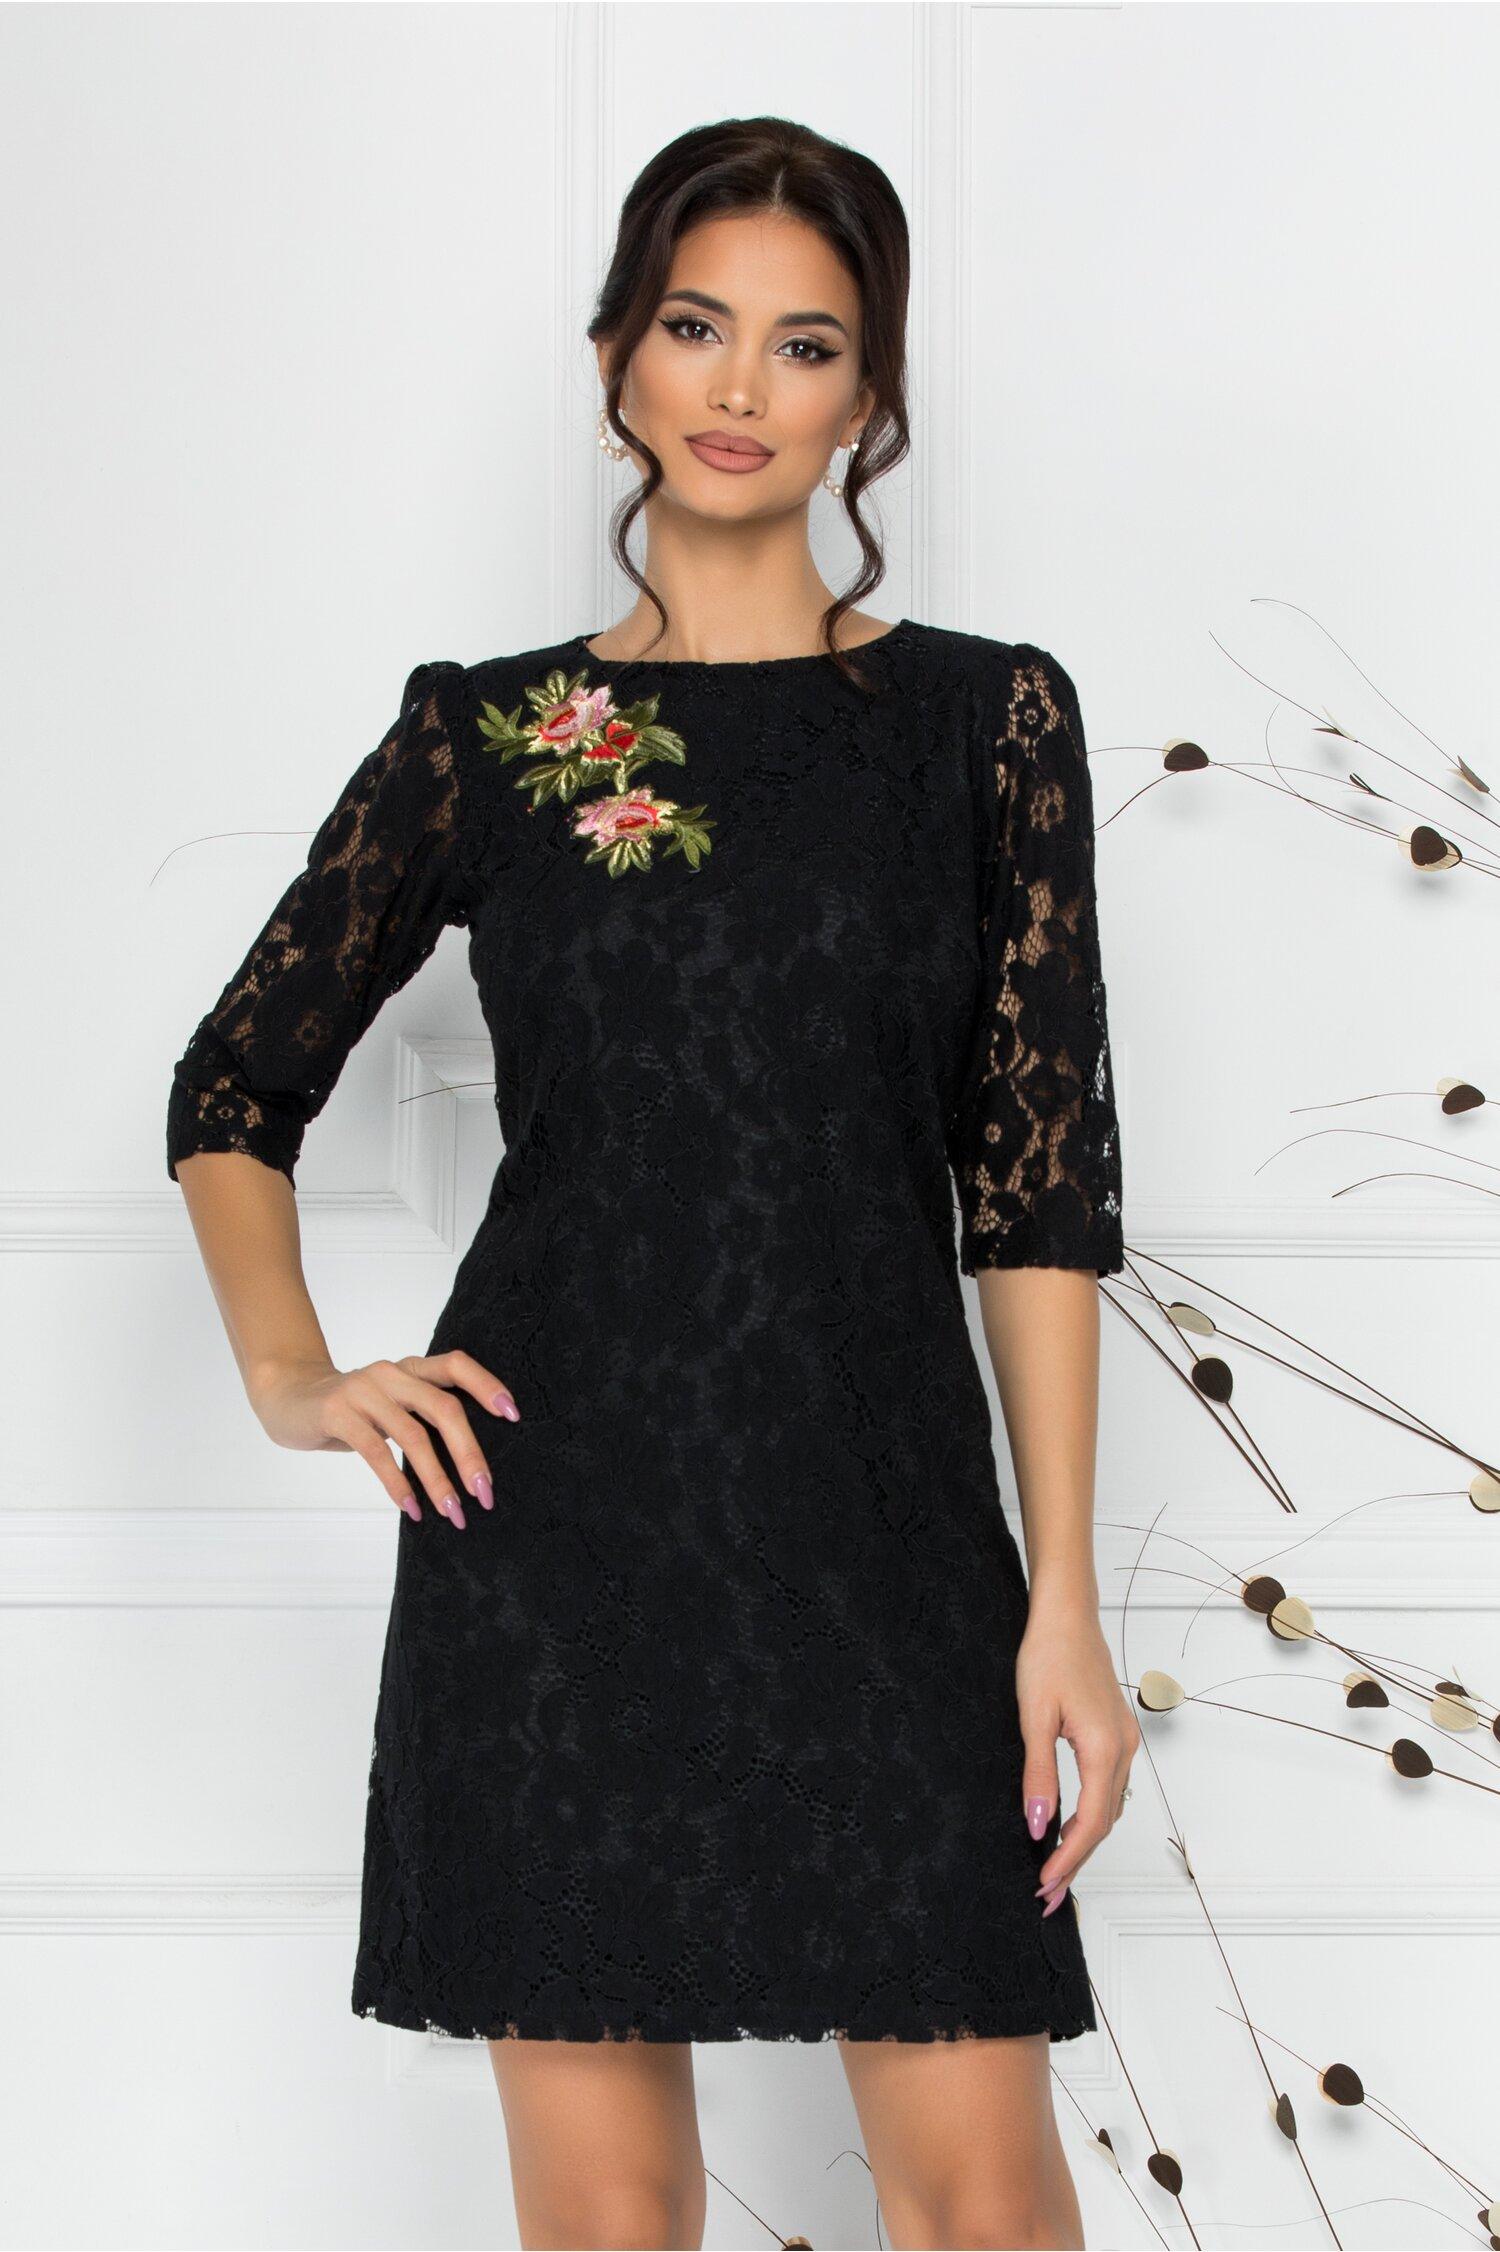 Rochie LaDonna neagra din dantela cu broderie florala la bust